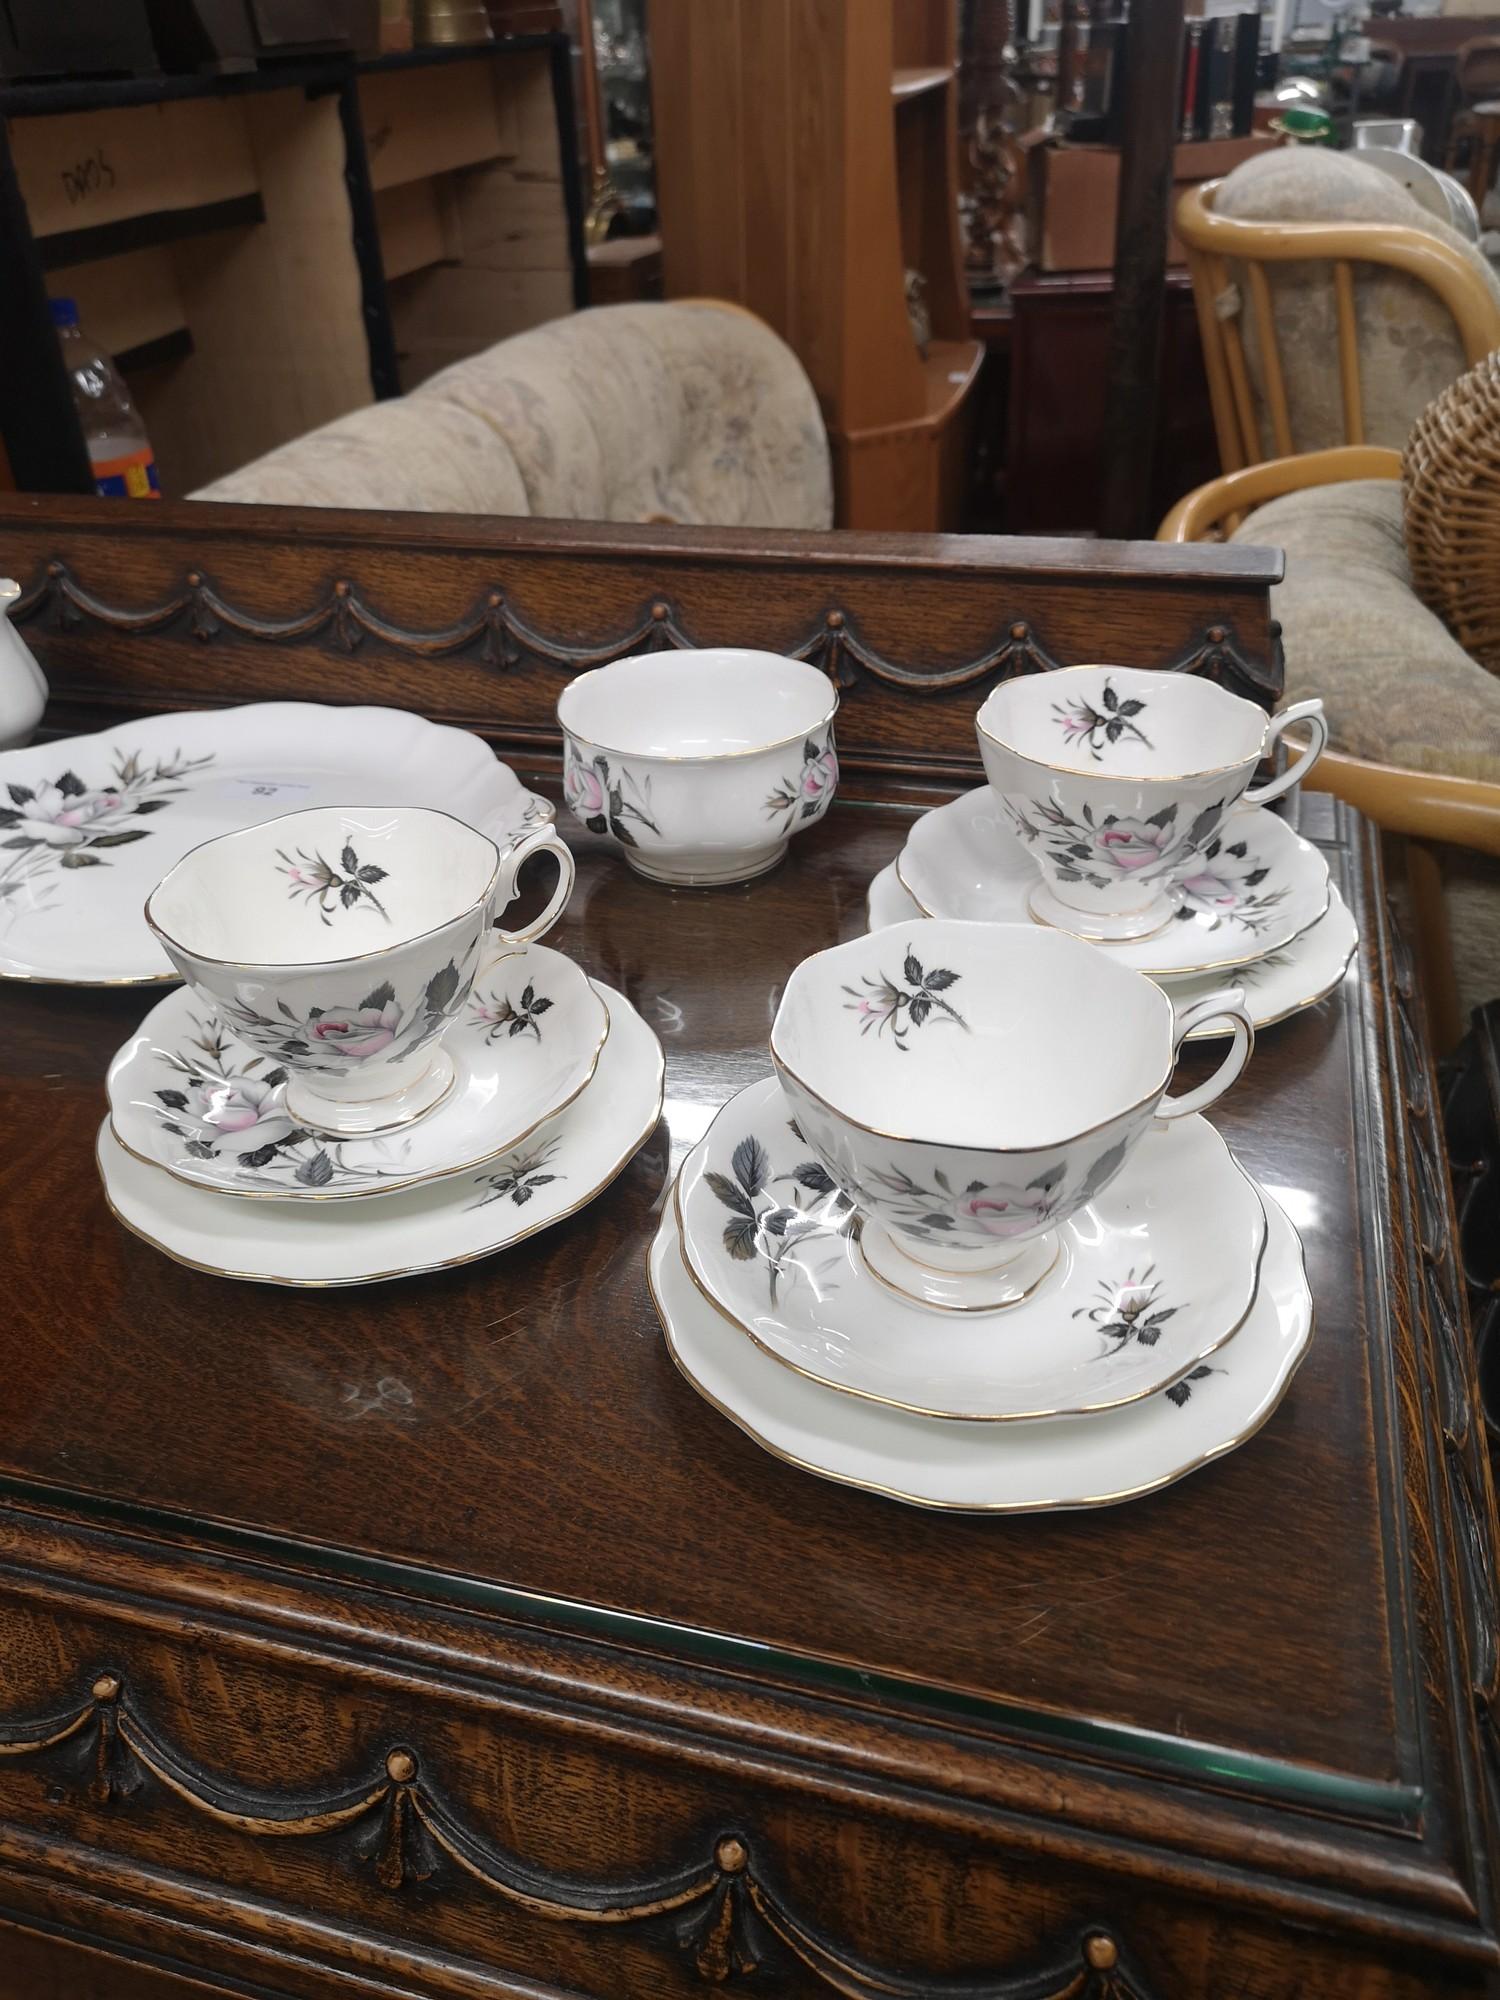 Royal Albert Queens messenger tea service. - Image 3 of 5